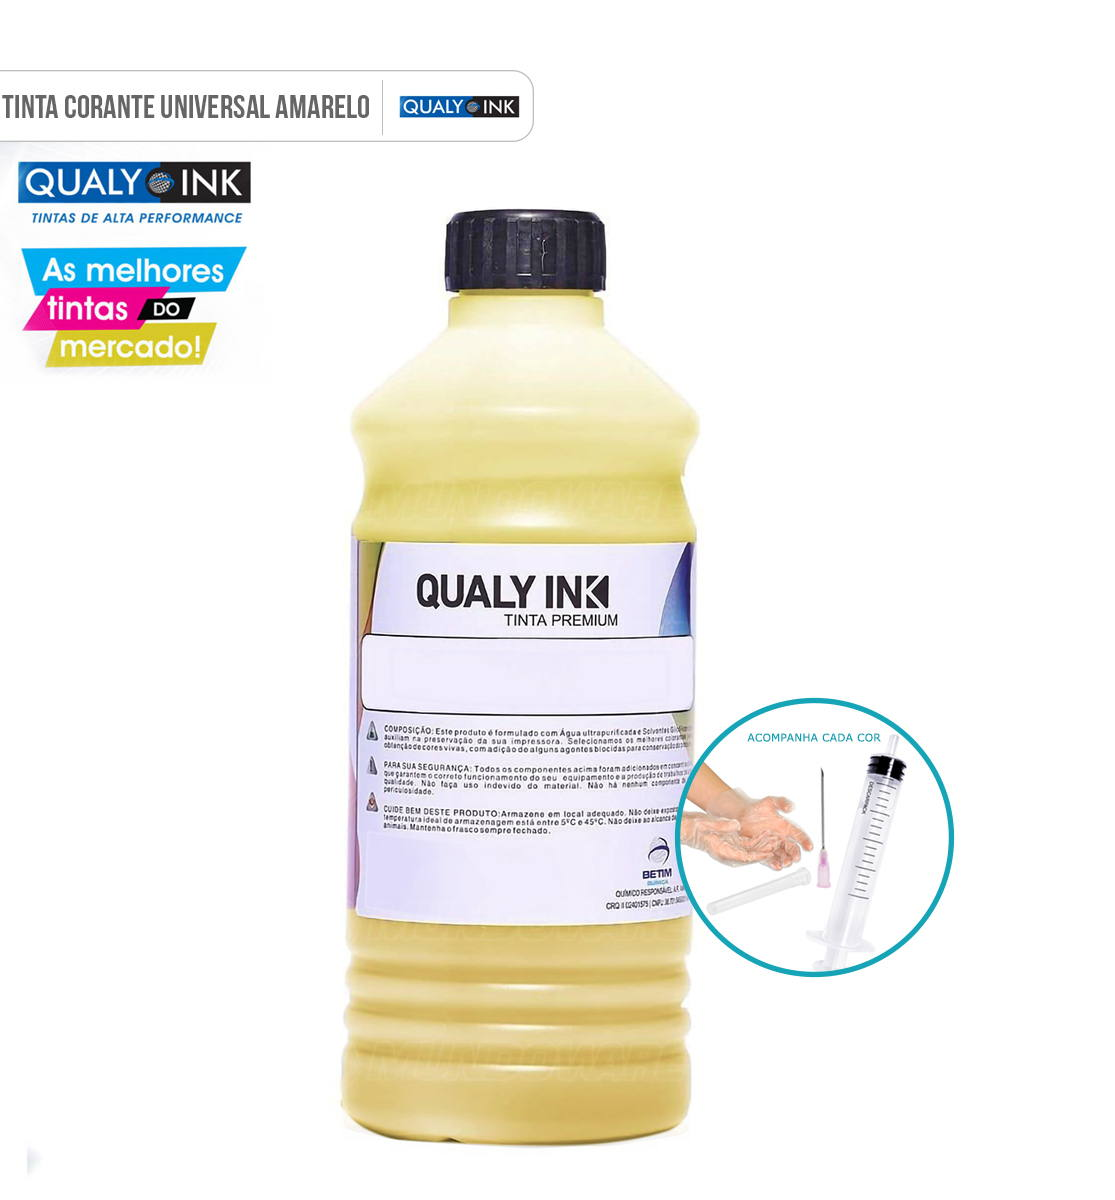 Tinta Yellow Corante para Impressora Tanque de Tinta G1800 G2800 G3800 G1000 G2000 G3000 G1100 G2100 G3100 G1900 G2900 G3900